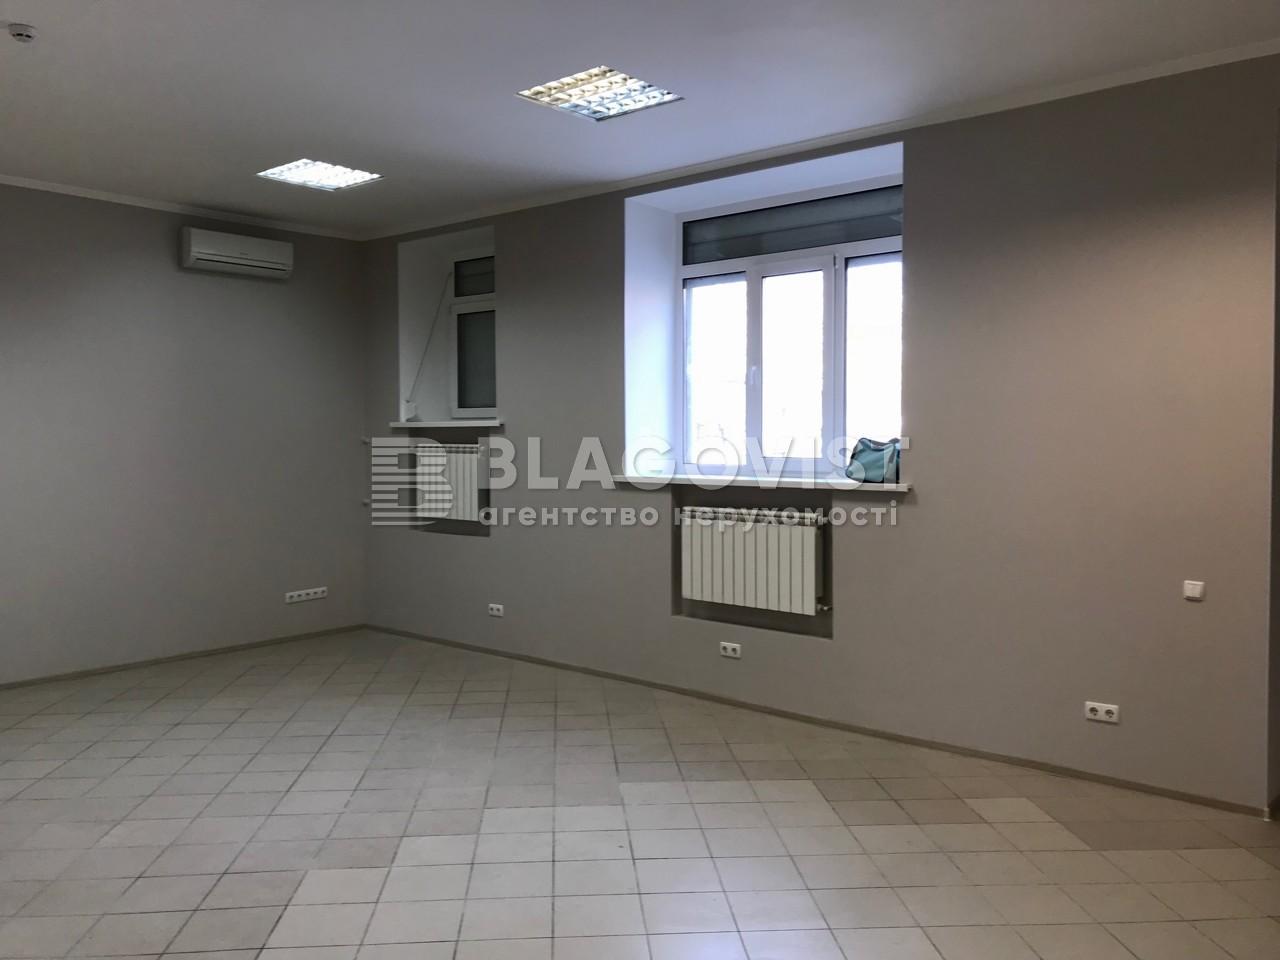 Офіс, R-26199, Деревлянська (Якіра), Київ - Фото 5